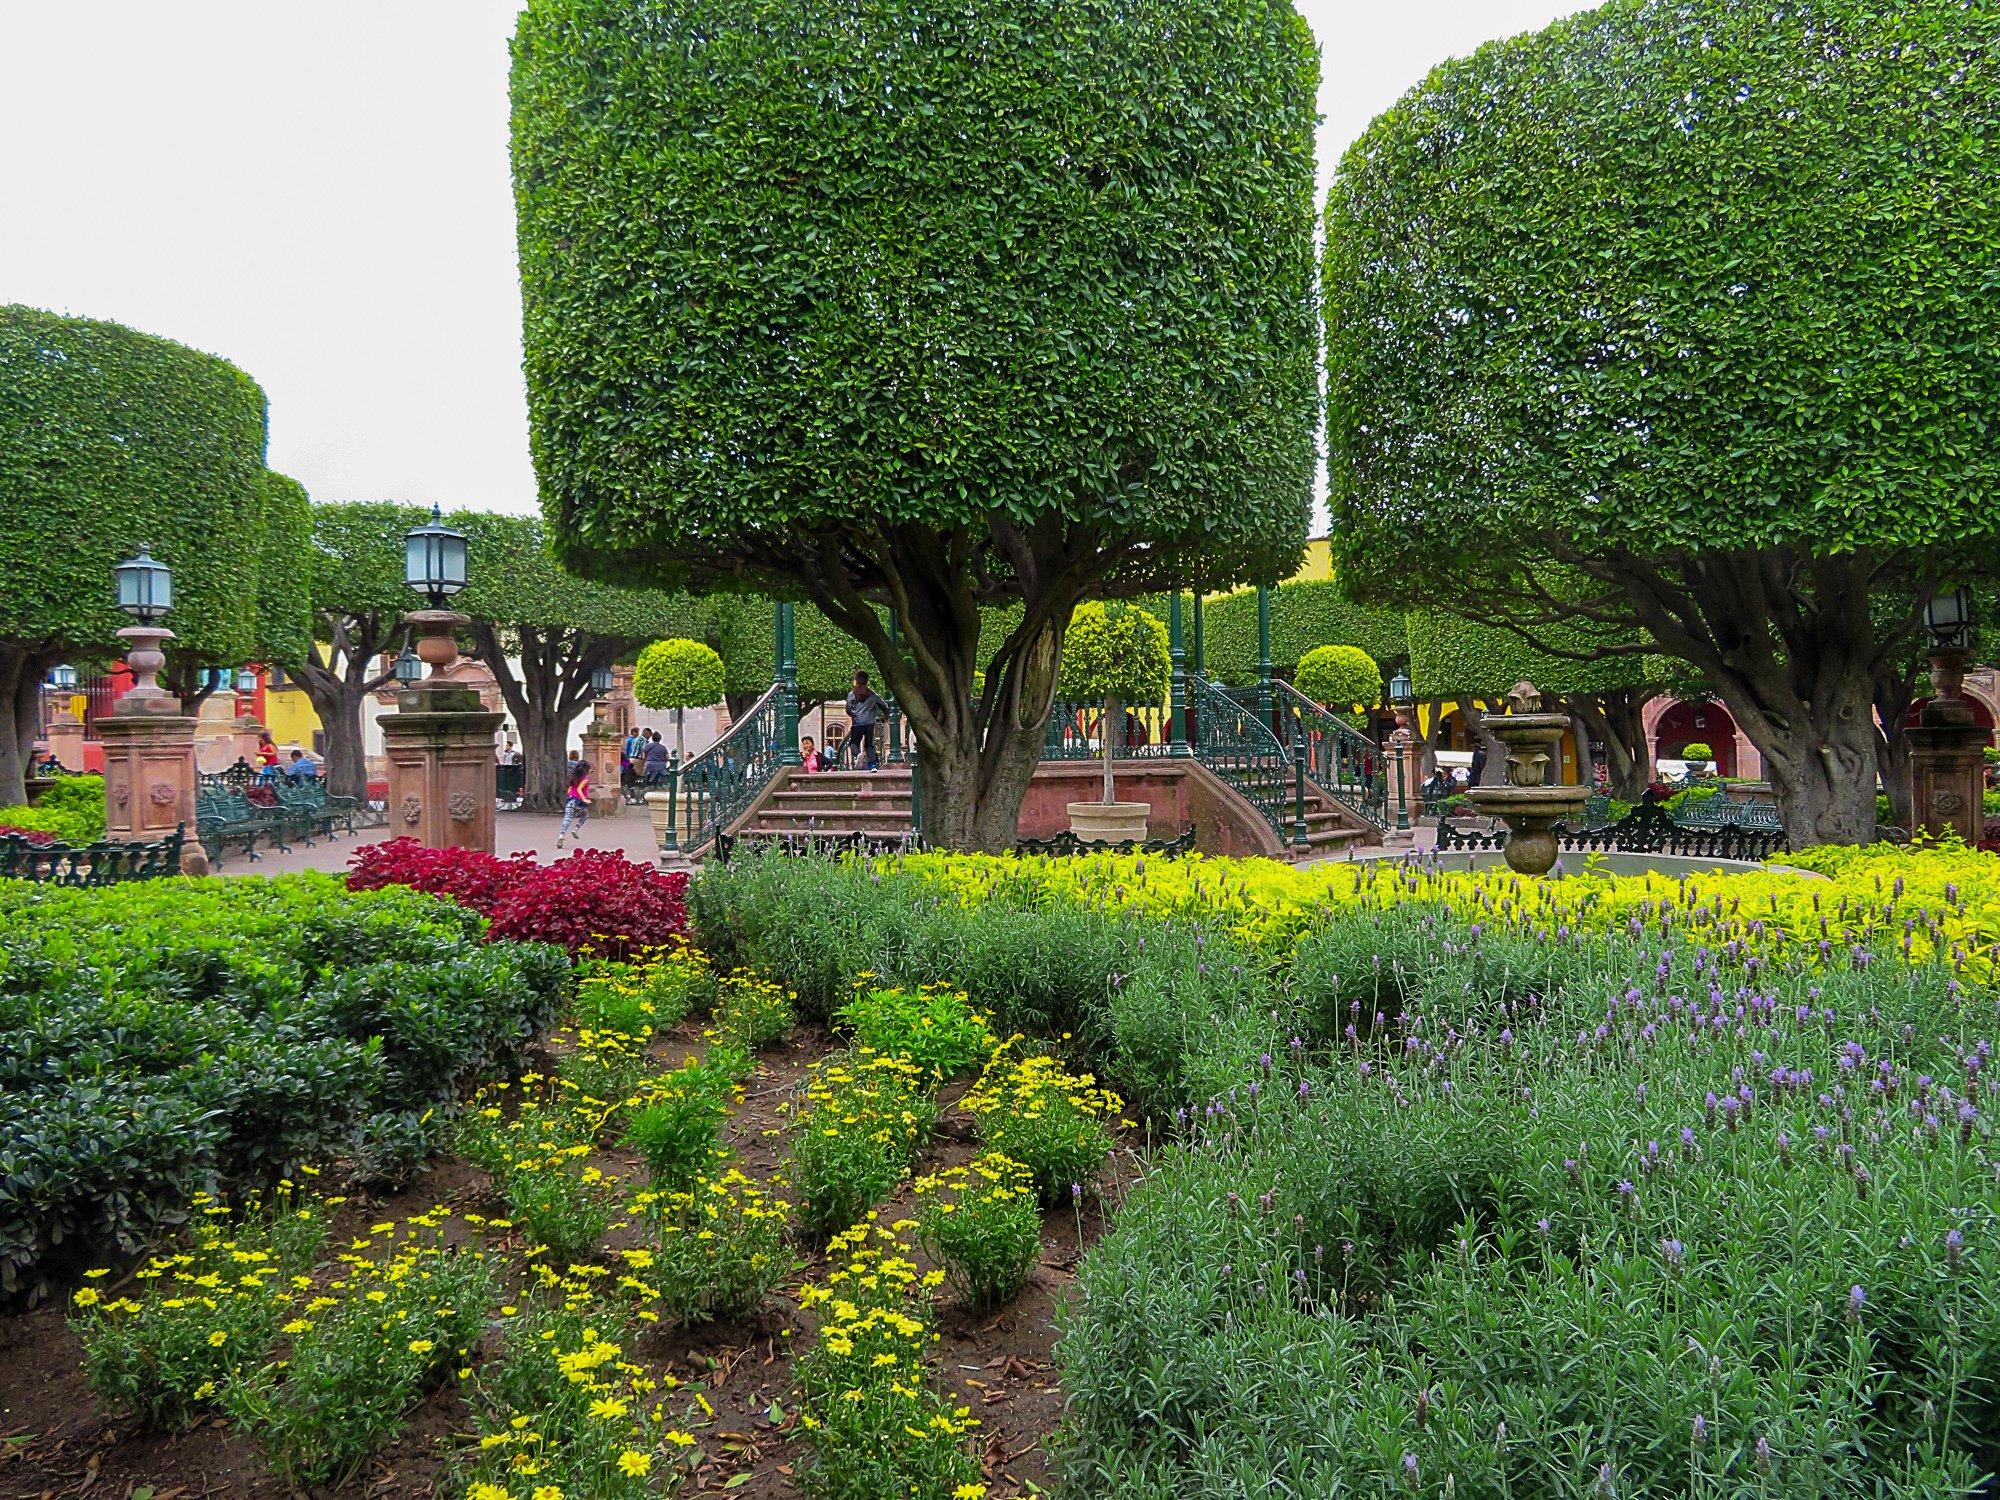 San Miguel de Allende's Jardín